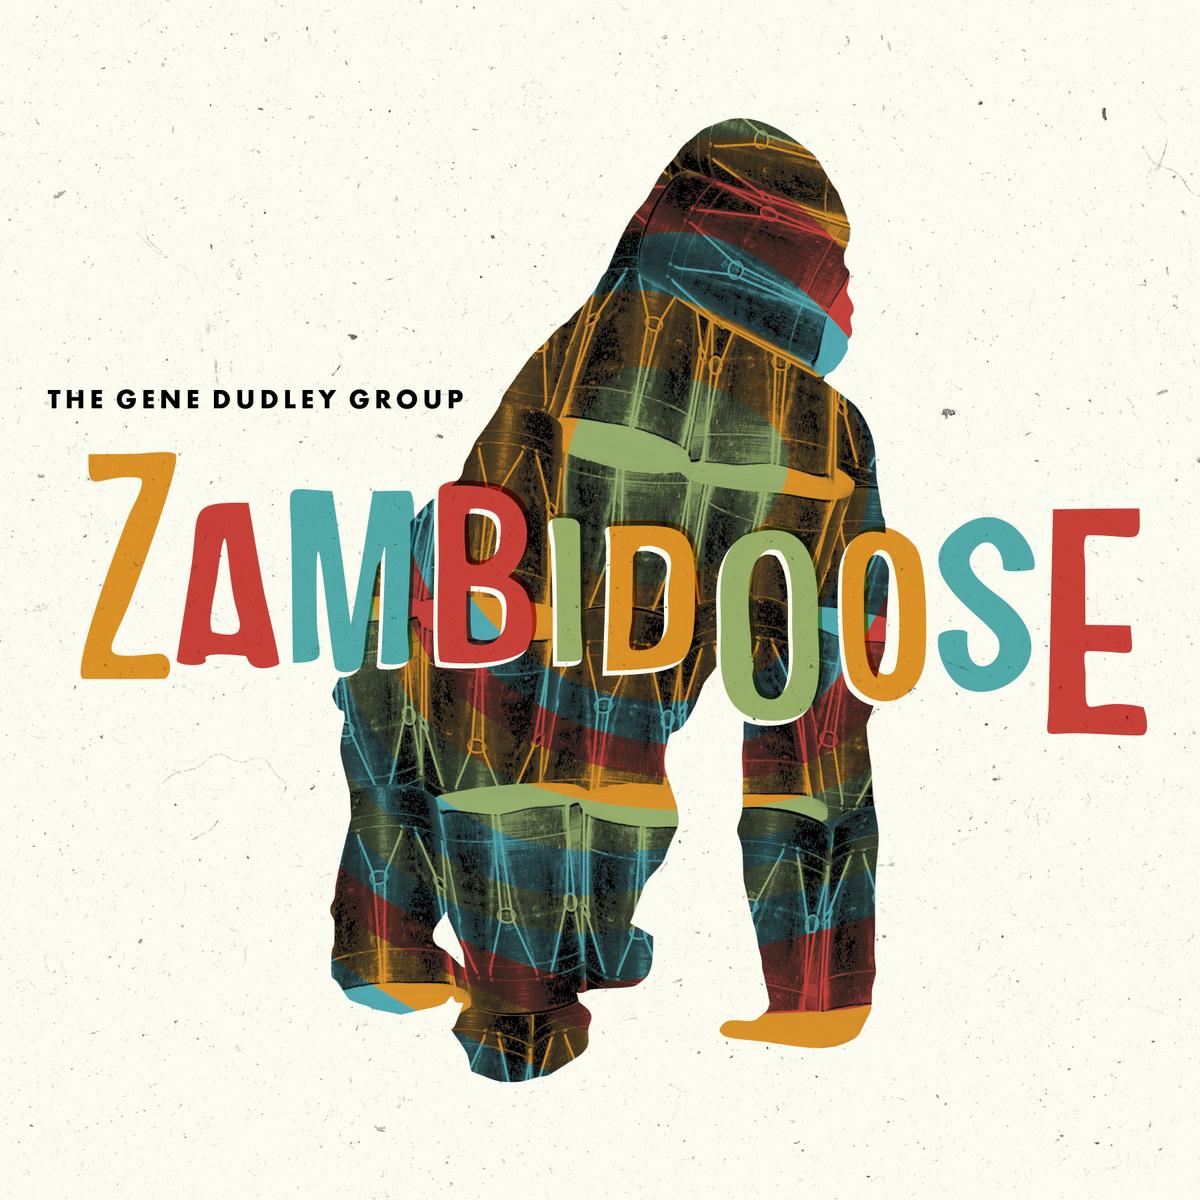 THE GENE DUDLEY GROUP - Zambidoose : WAH WAH 45s (UK)